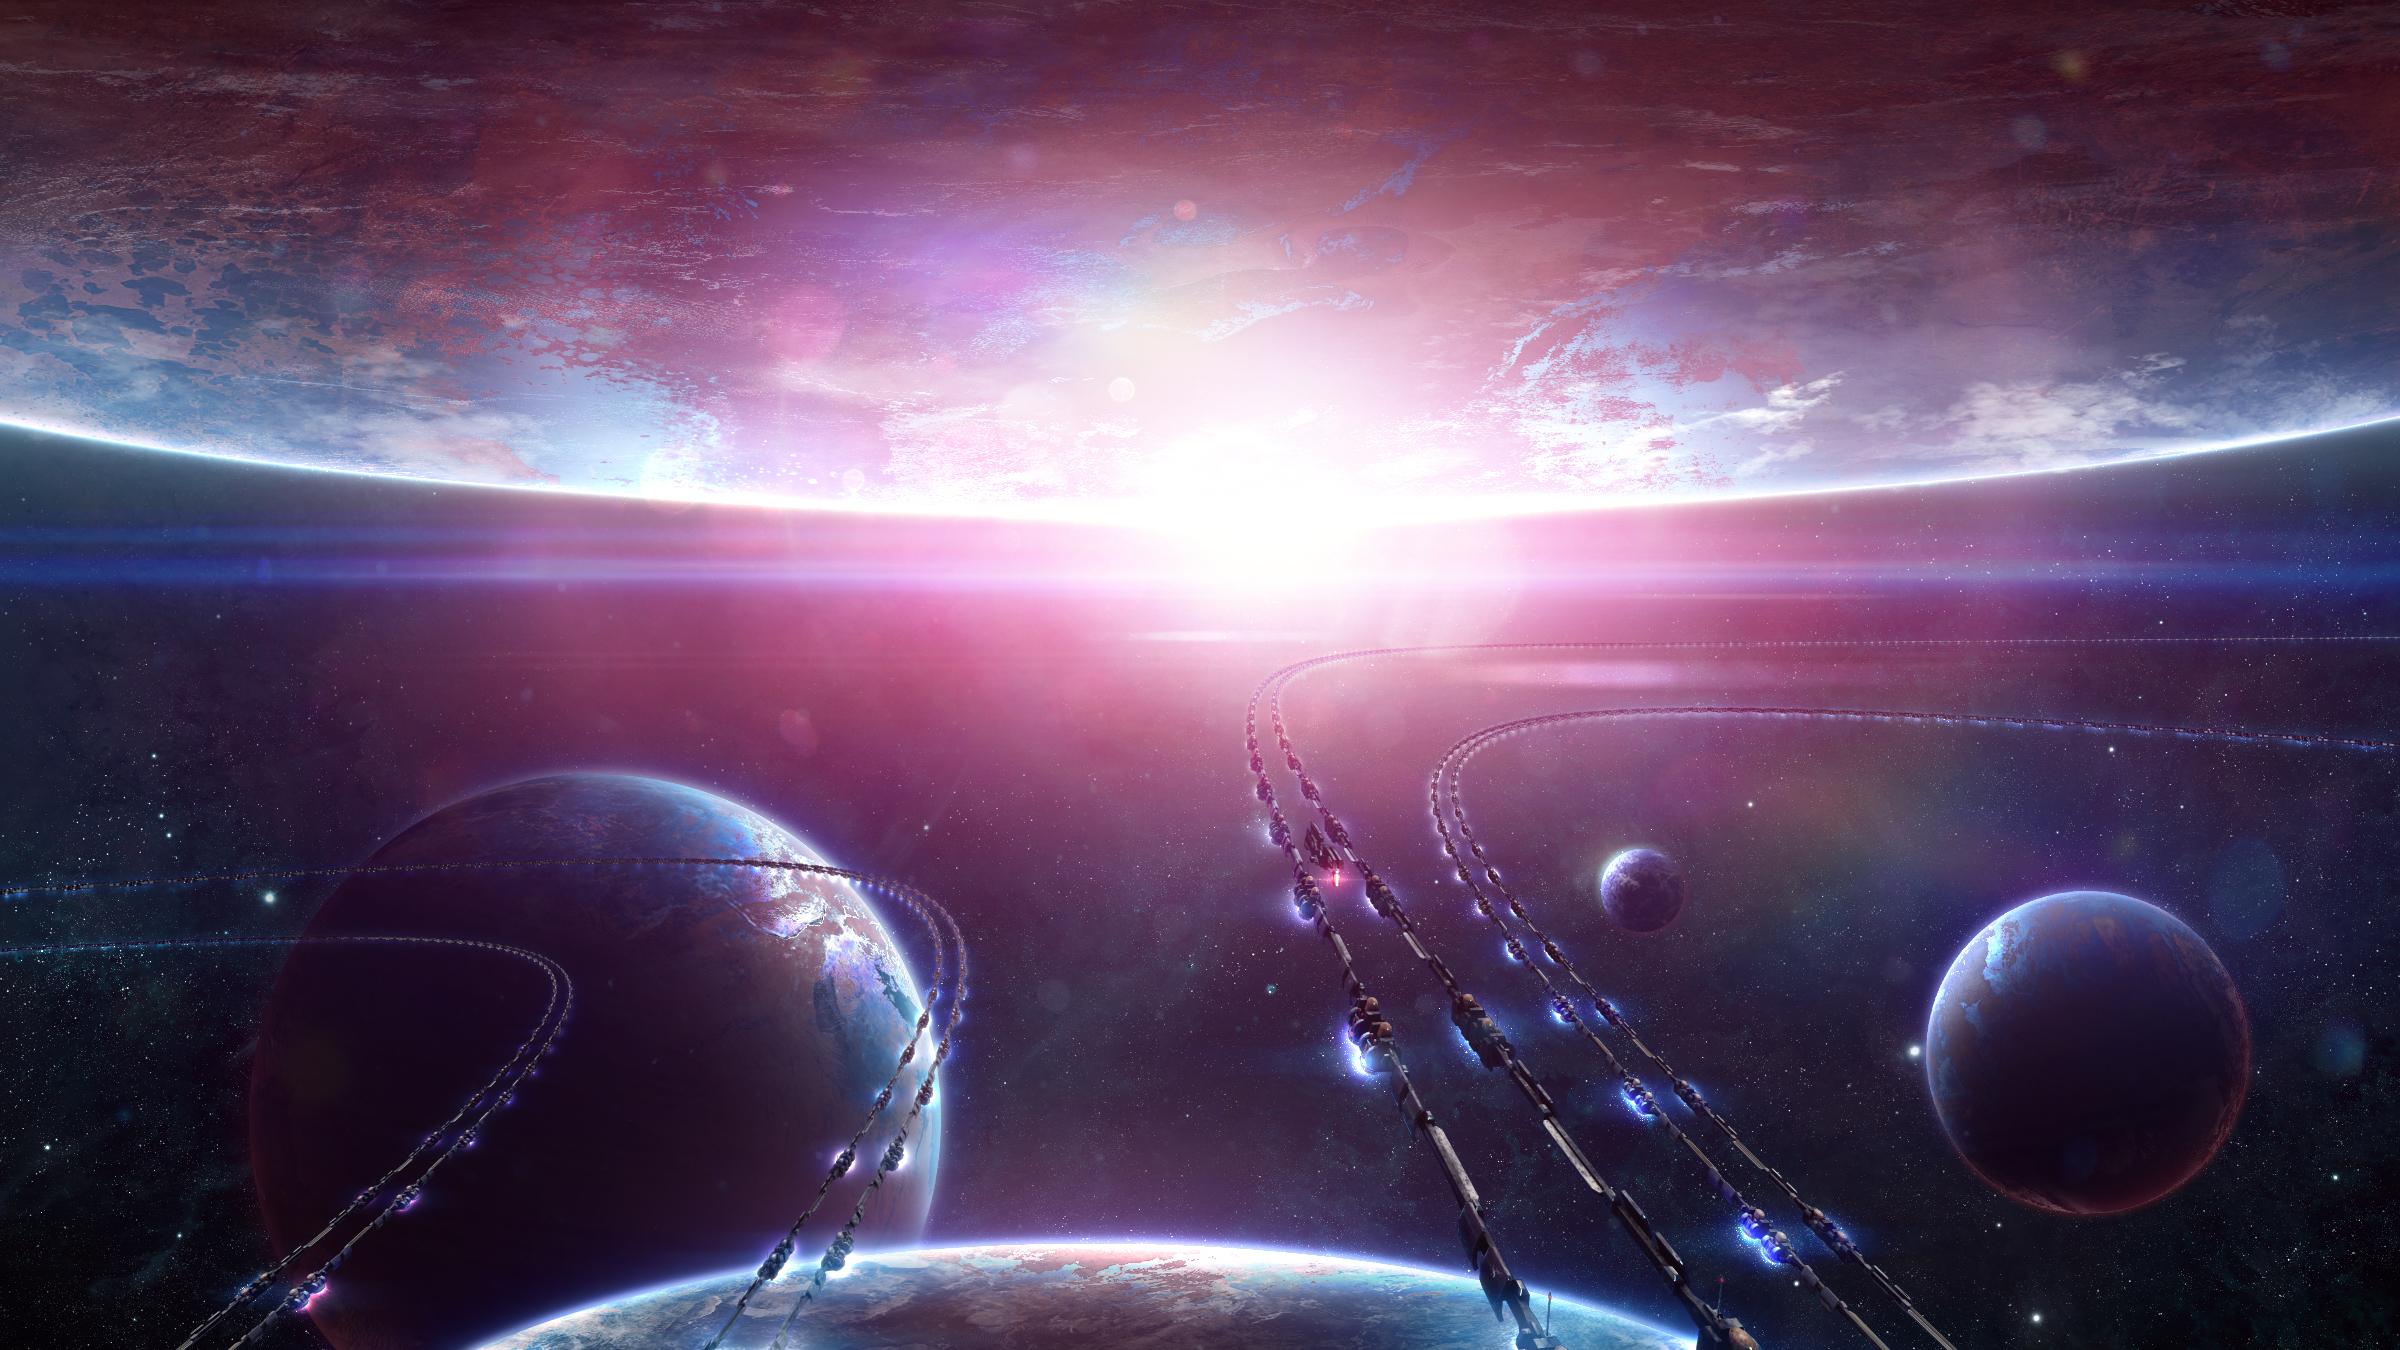 Обои Красная планета горизонт фантастика космос картинки на рабочий стол на тему Космос - скачать загрузить